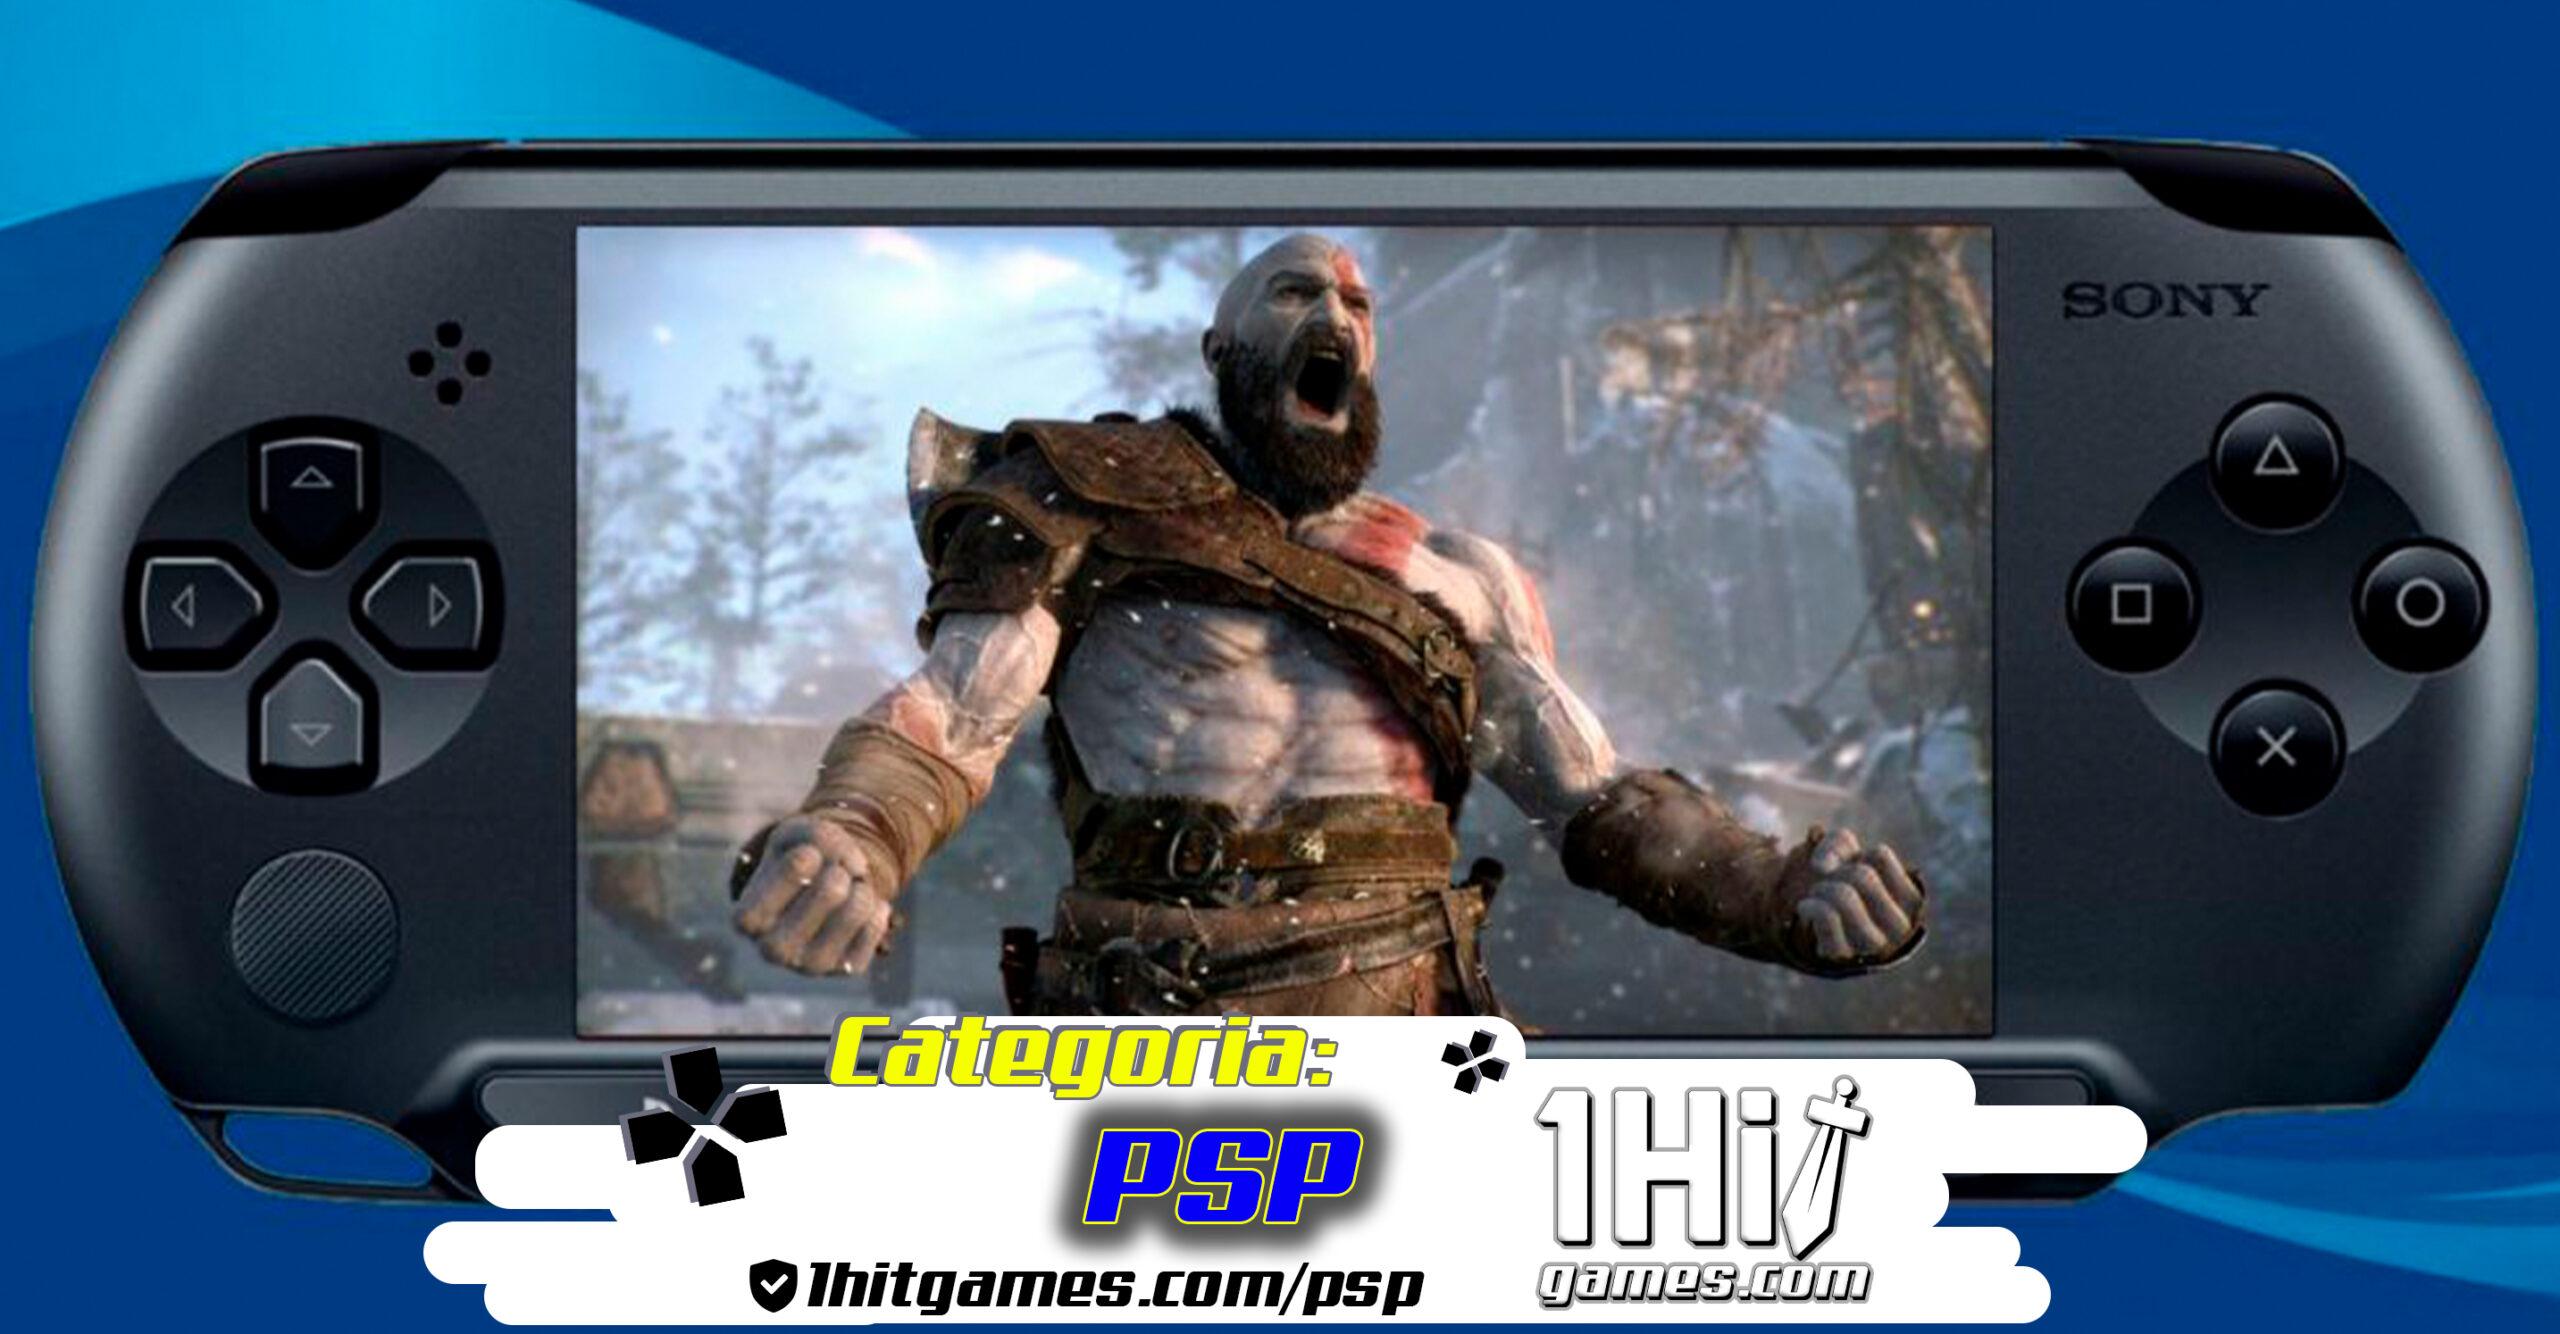 psp games 1hitgames jogos eletronicos categorias 1hit